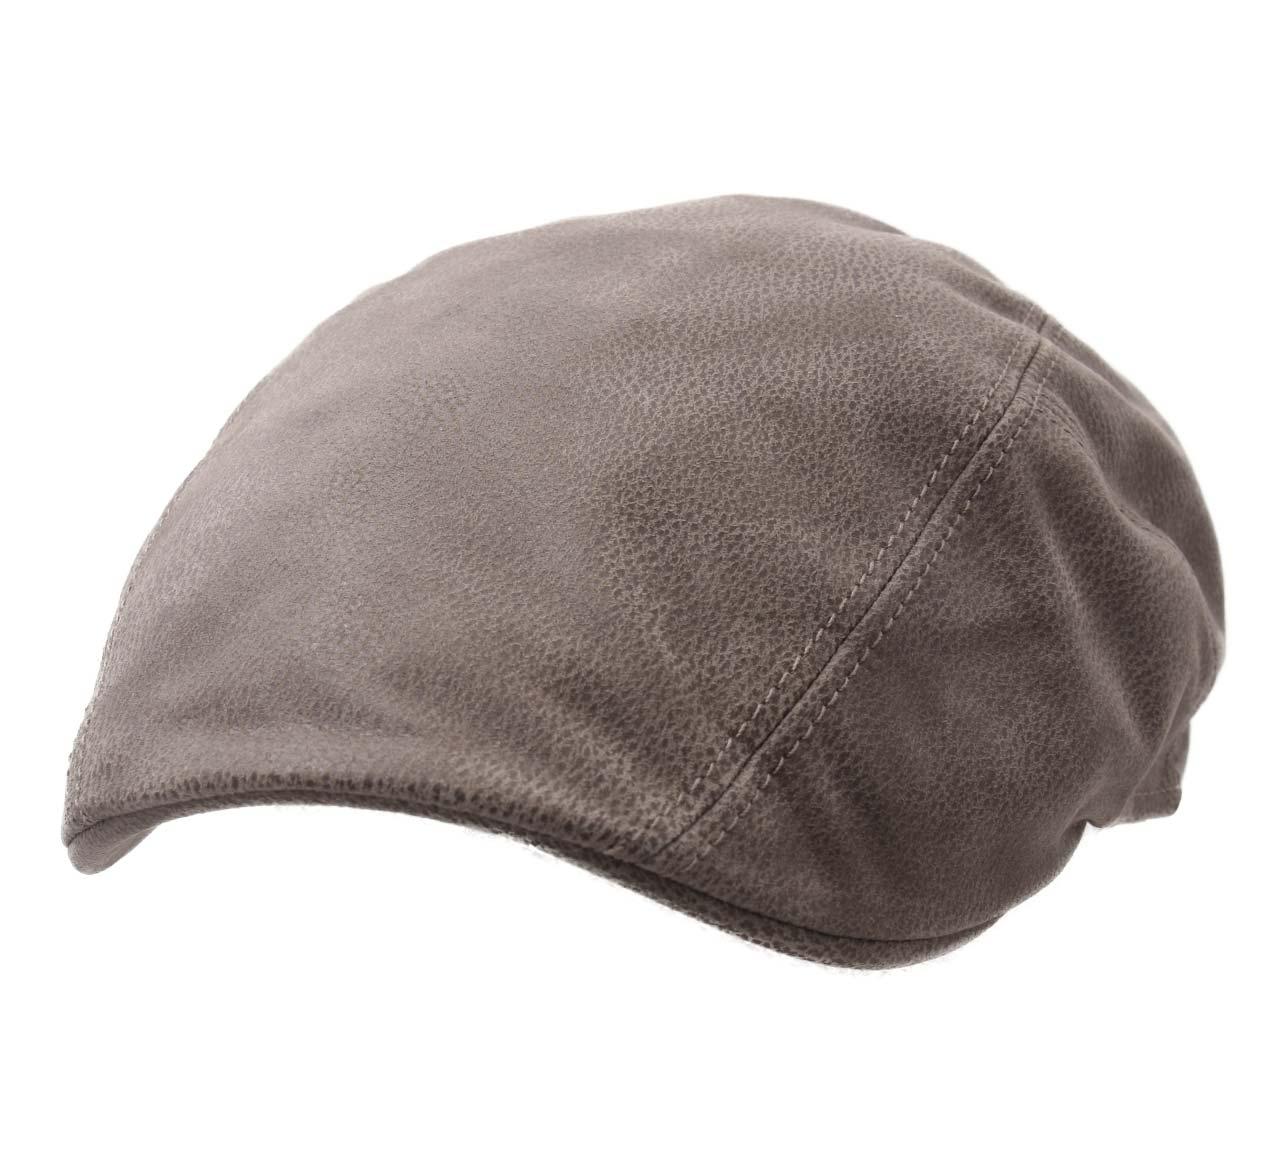 b ret casquette plate cuir homme ou femme michigan chevrette marron clair 51 ebay. Black Bedroom Furniture Sets. Home Design Ideas